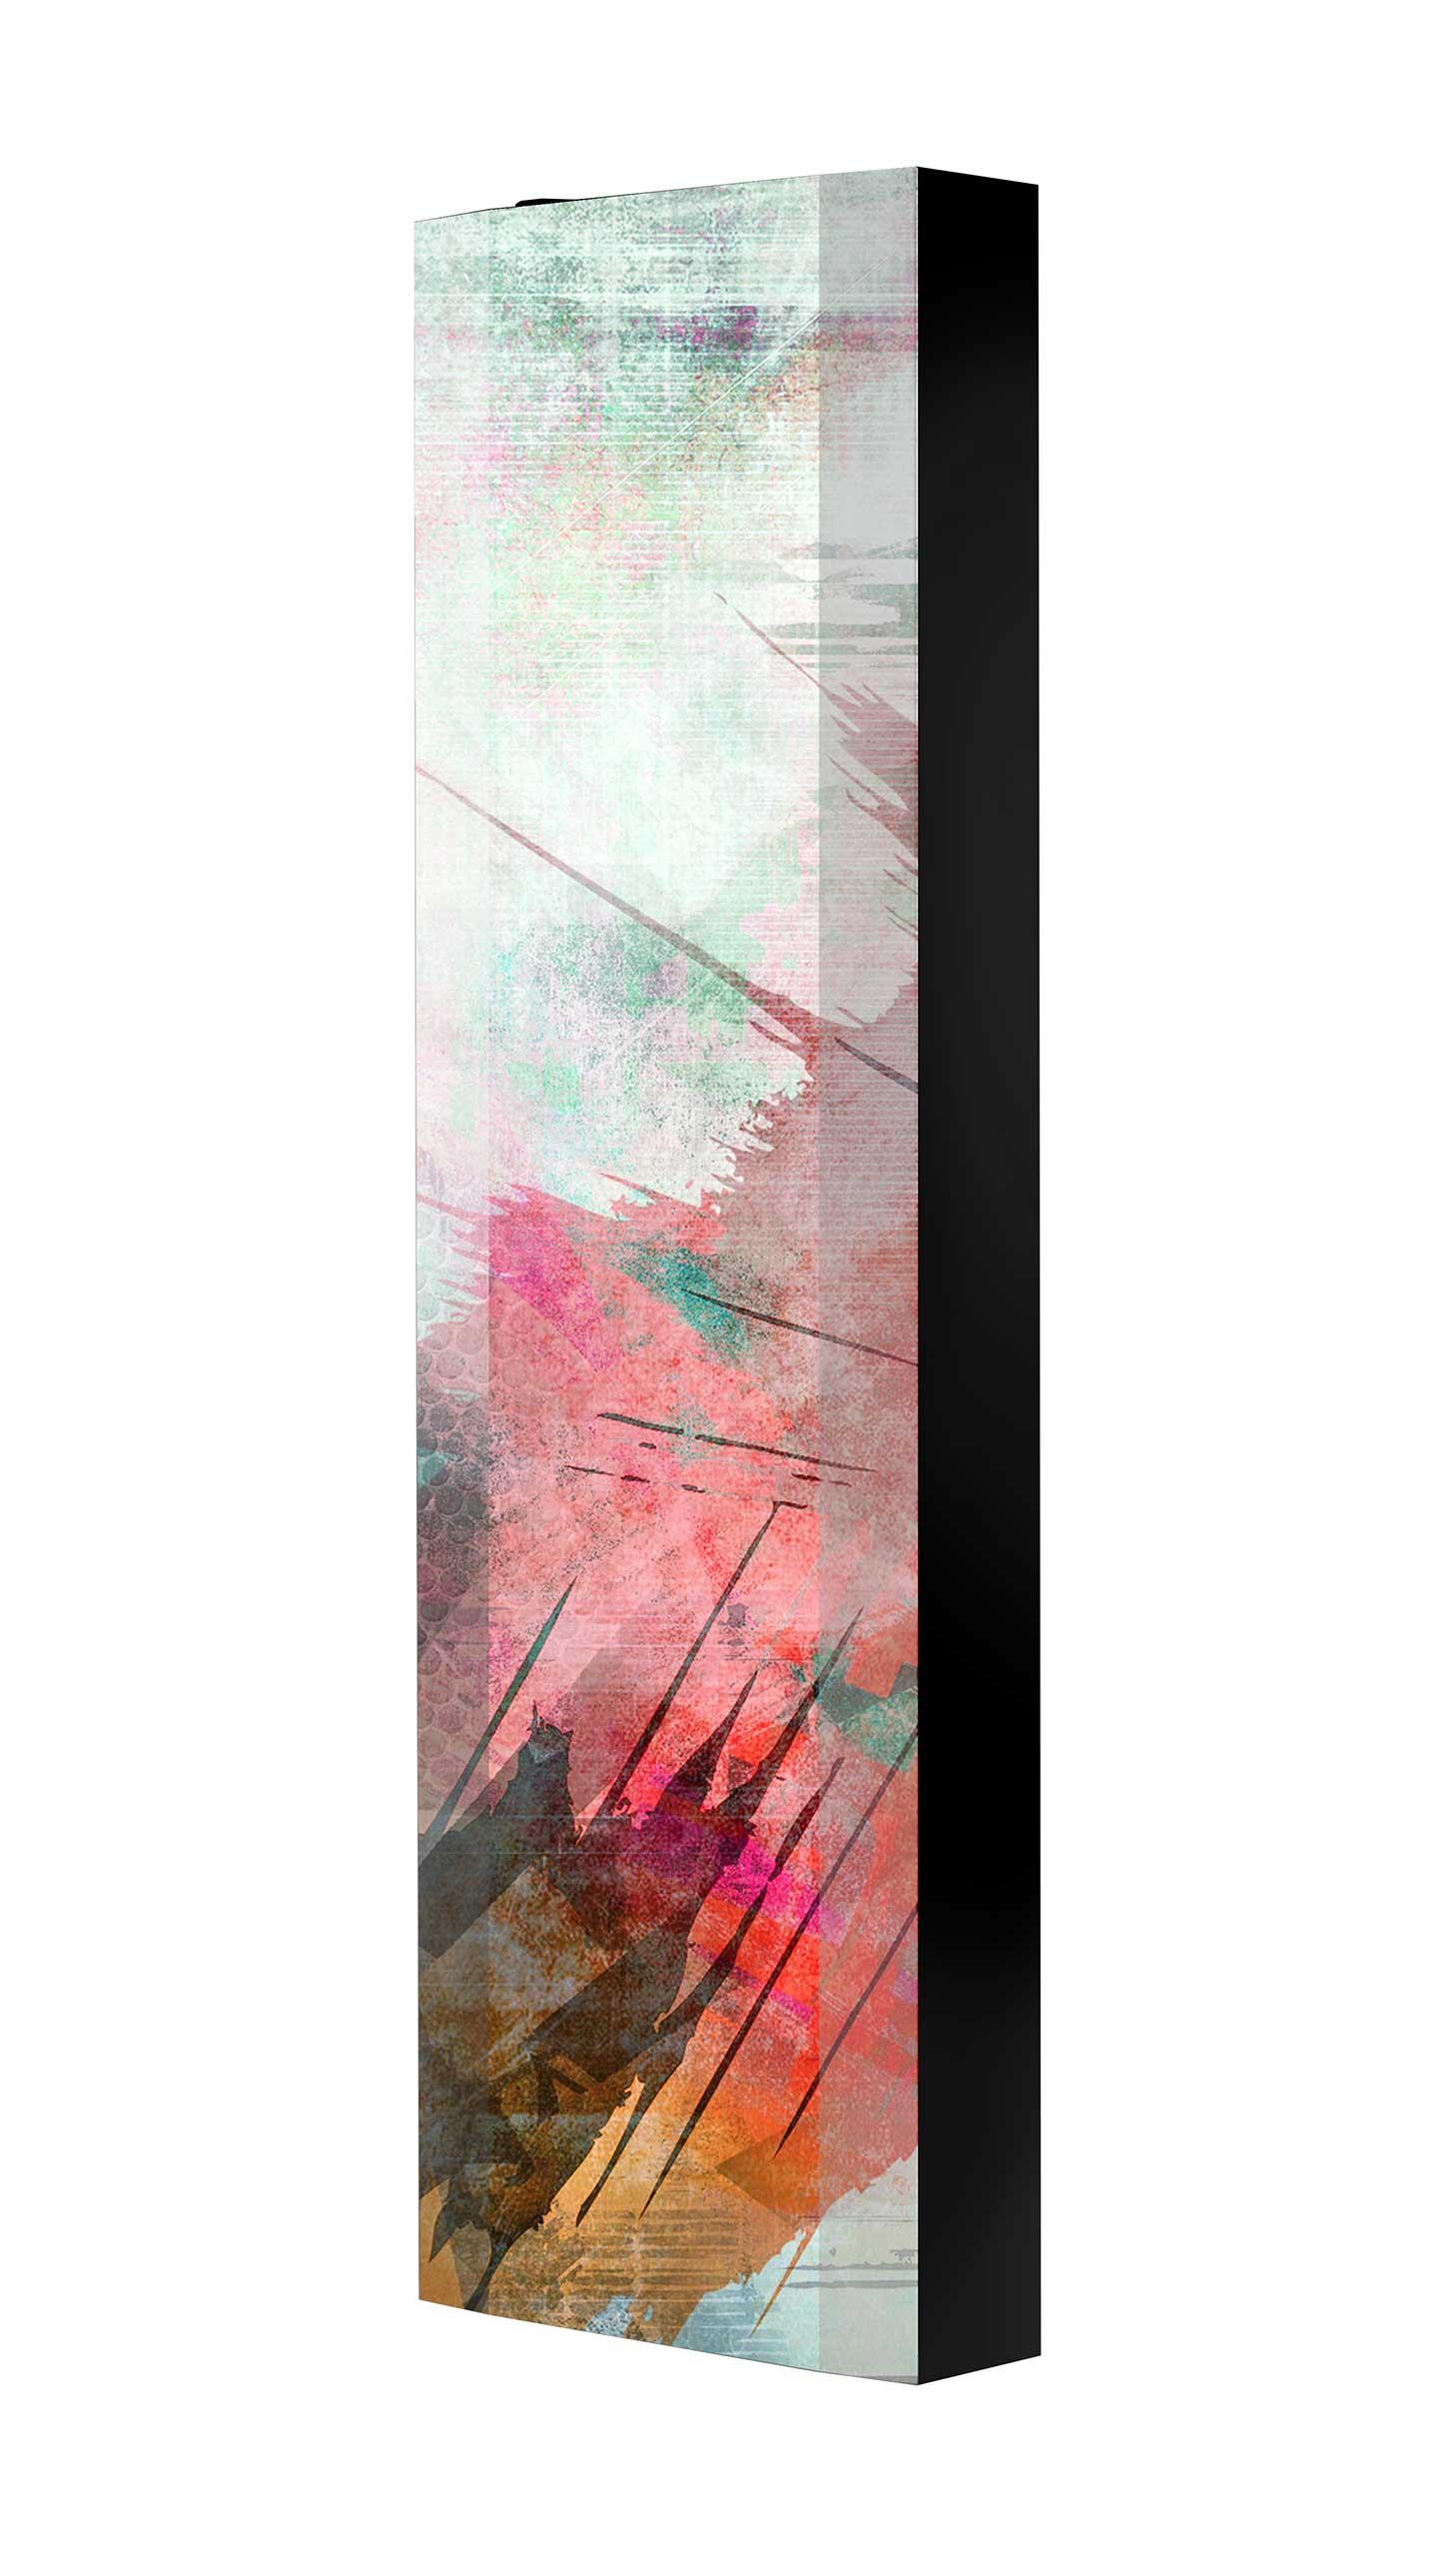 Schuhschrank FLASH 450 BLACK-EDITION Motivschrank schwarz drehbar M10 Abstrakt Kunst